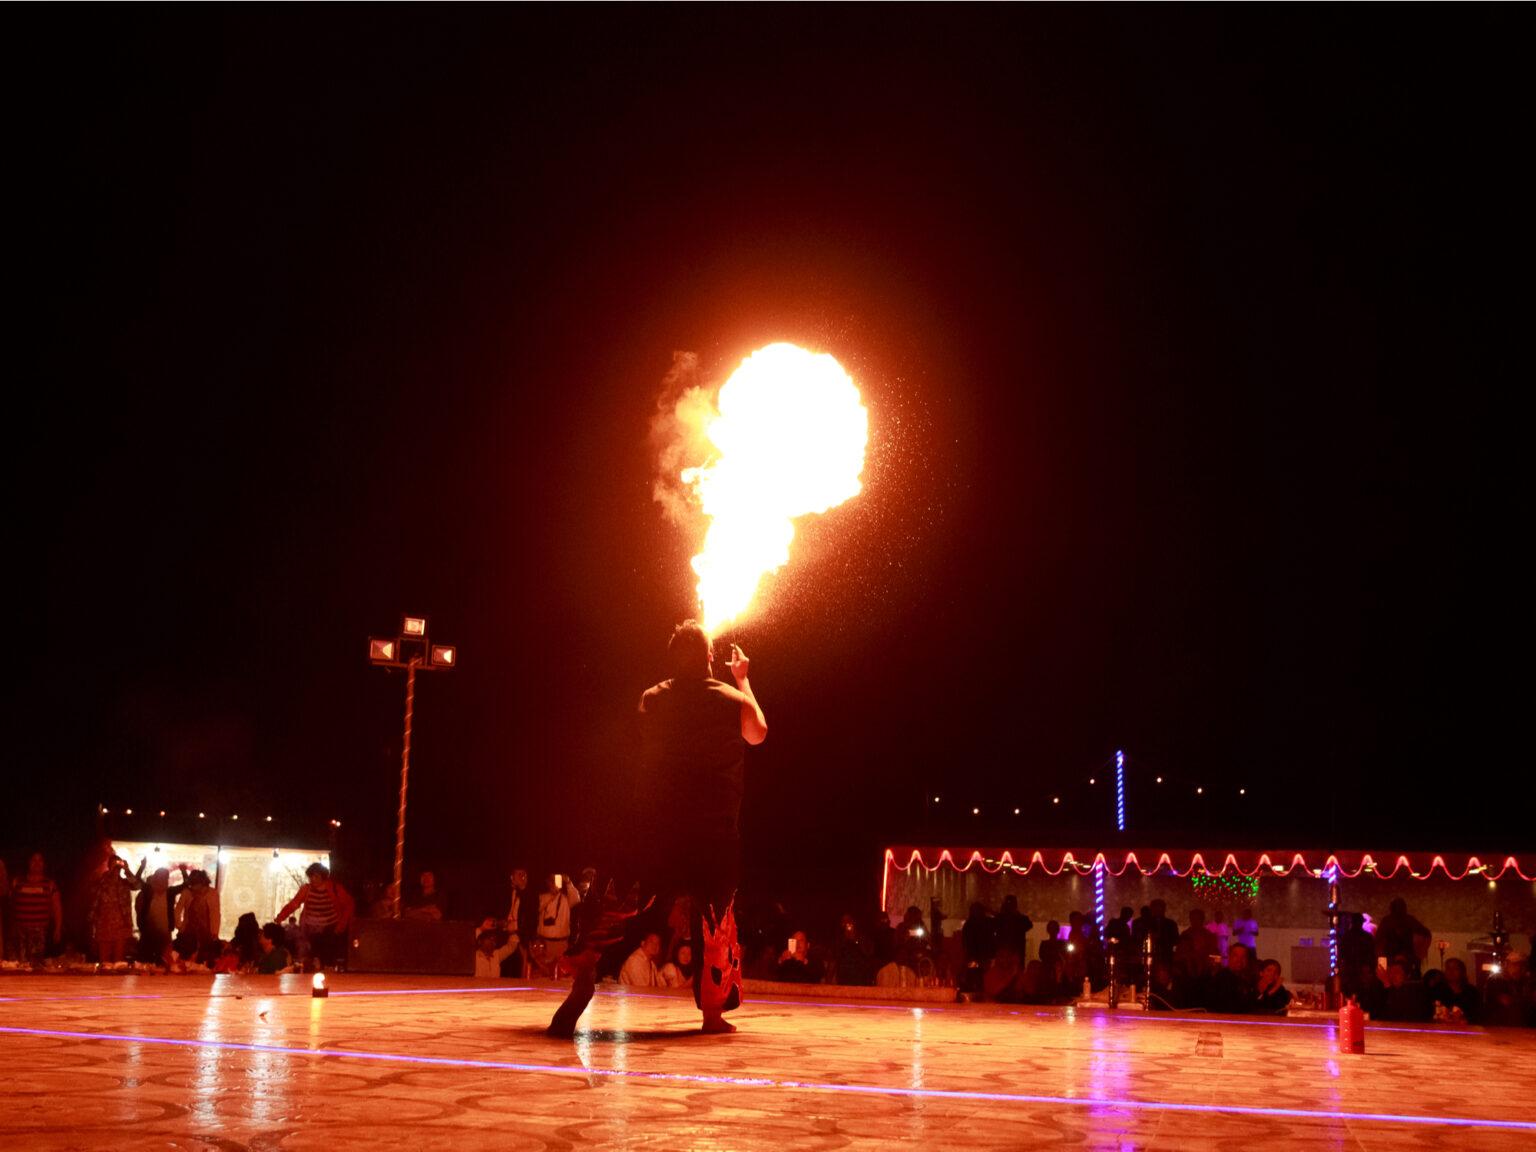 Dubai Tourism suspends live entertainment